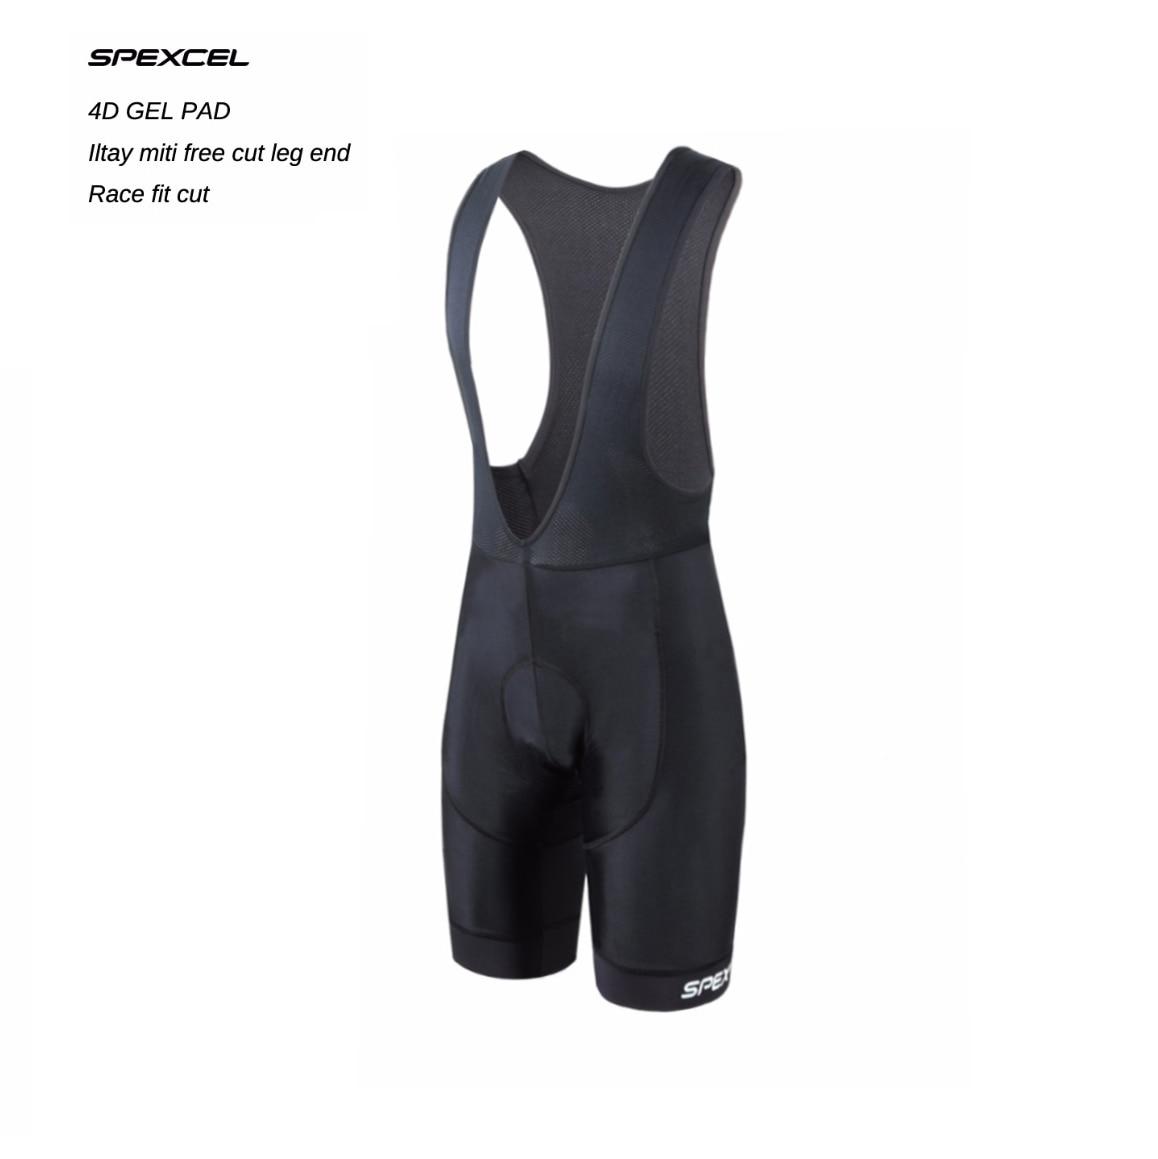 Spexcel alta qualidade clássico bib shorts de corrida bicicleta parte inferior ropa ciclismo bicicleta calças 4d almofada gel itália pinças silício na perna